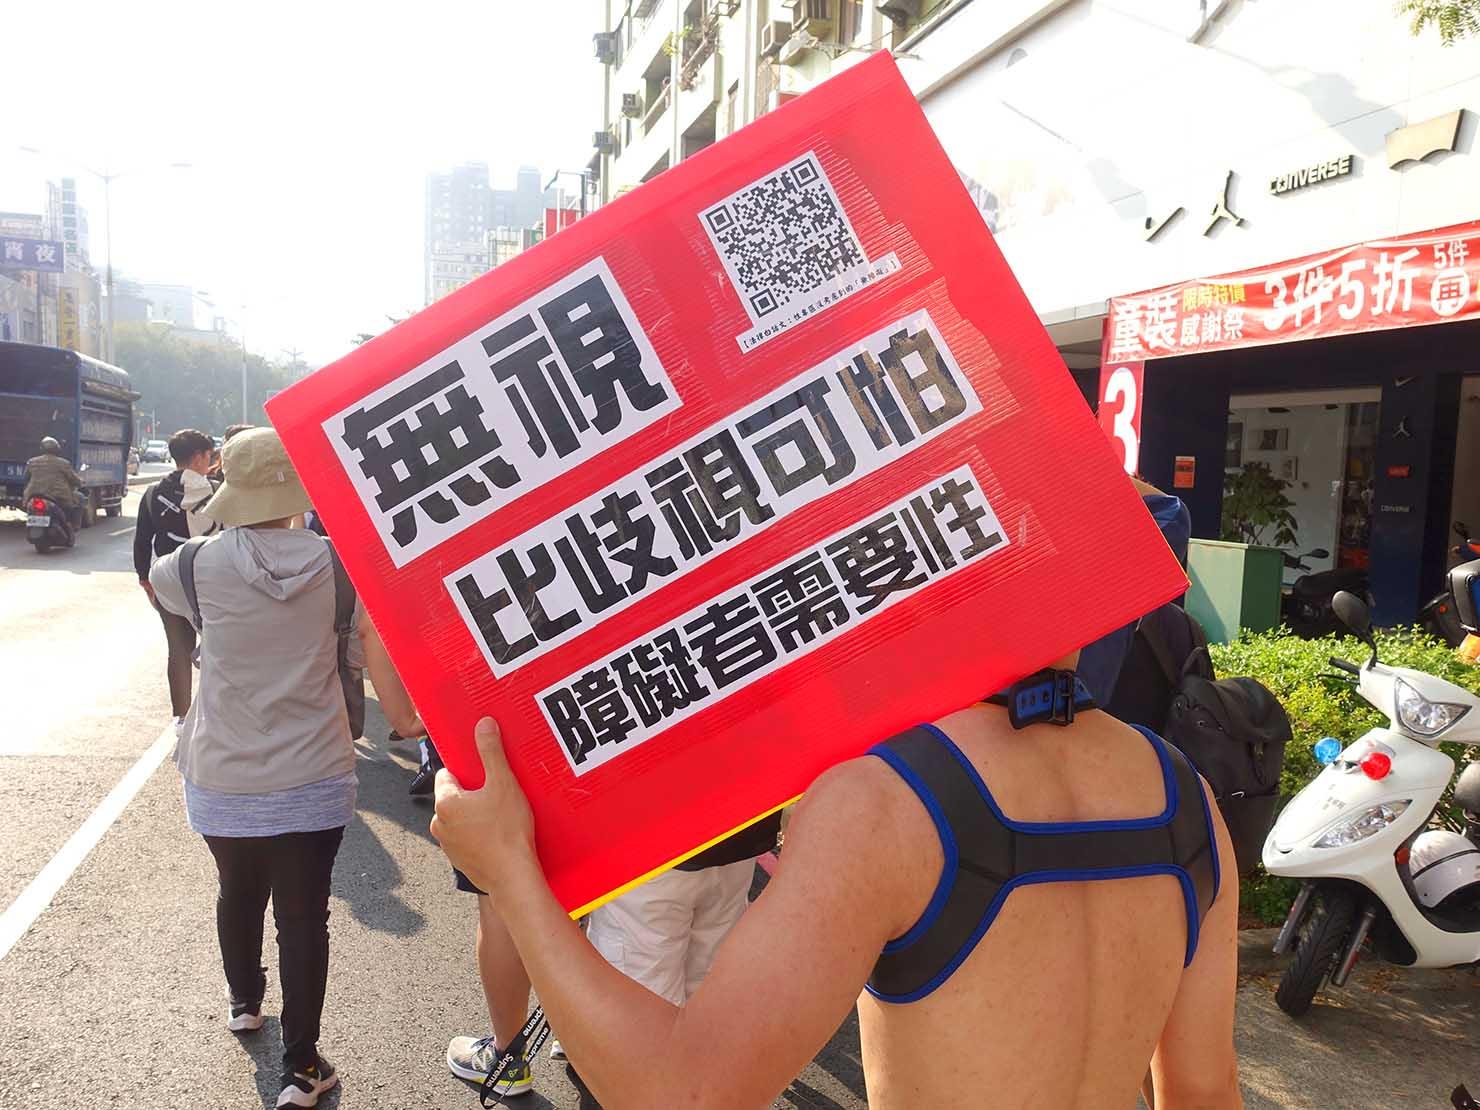 「高雄同志大遊行(高雄プライド)」2019のパレードでプラカードを掲げる参加者